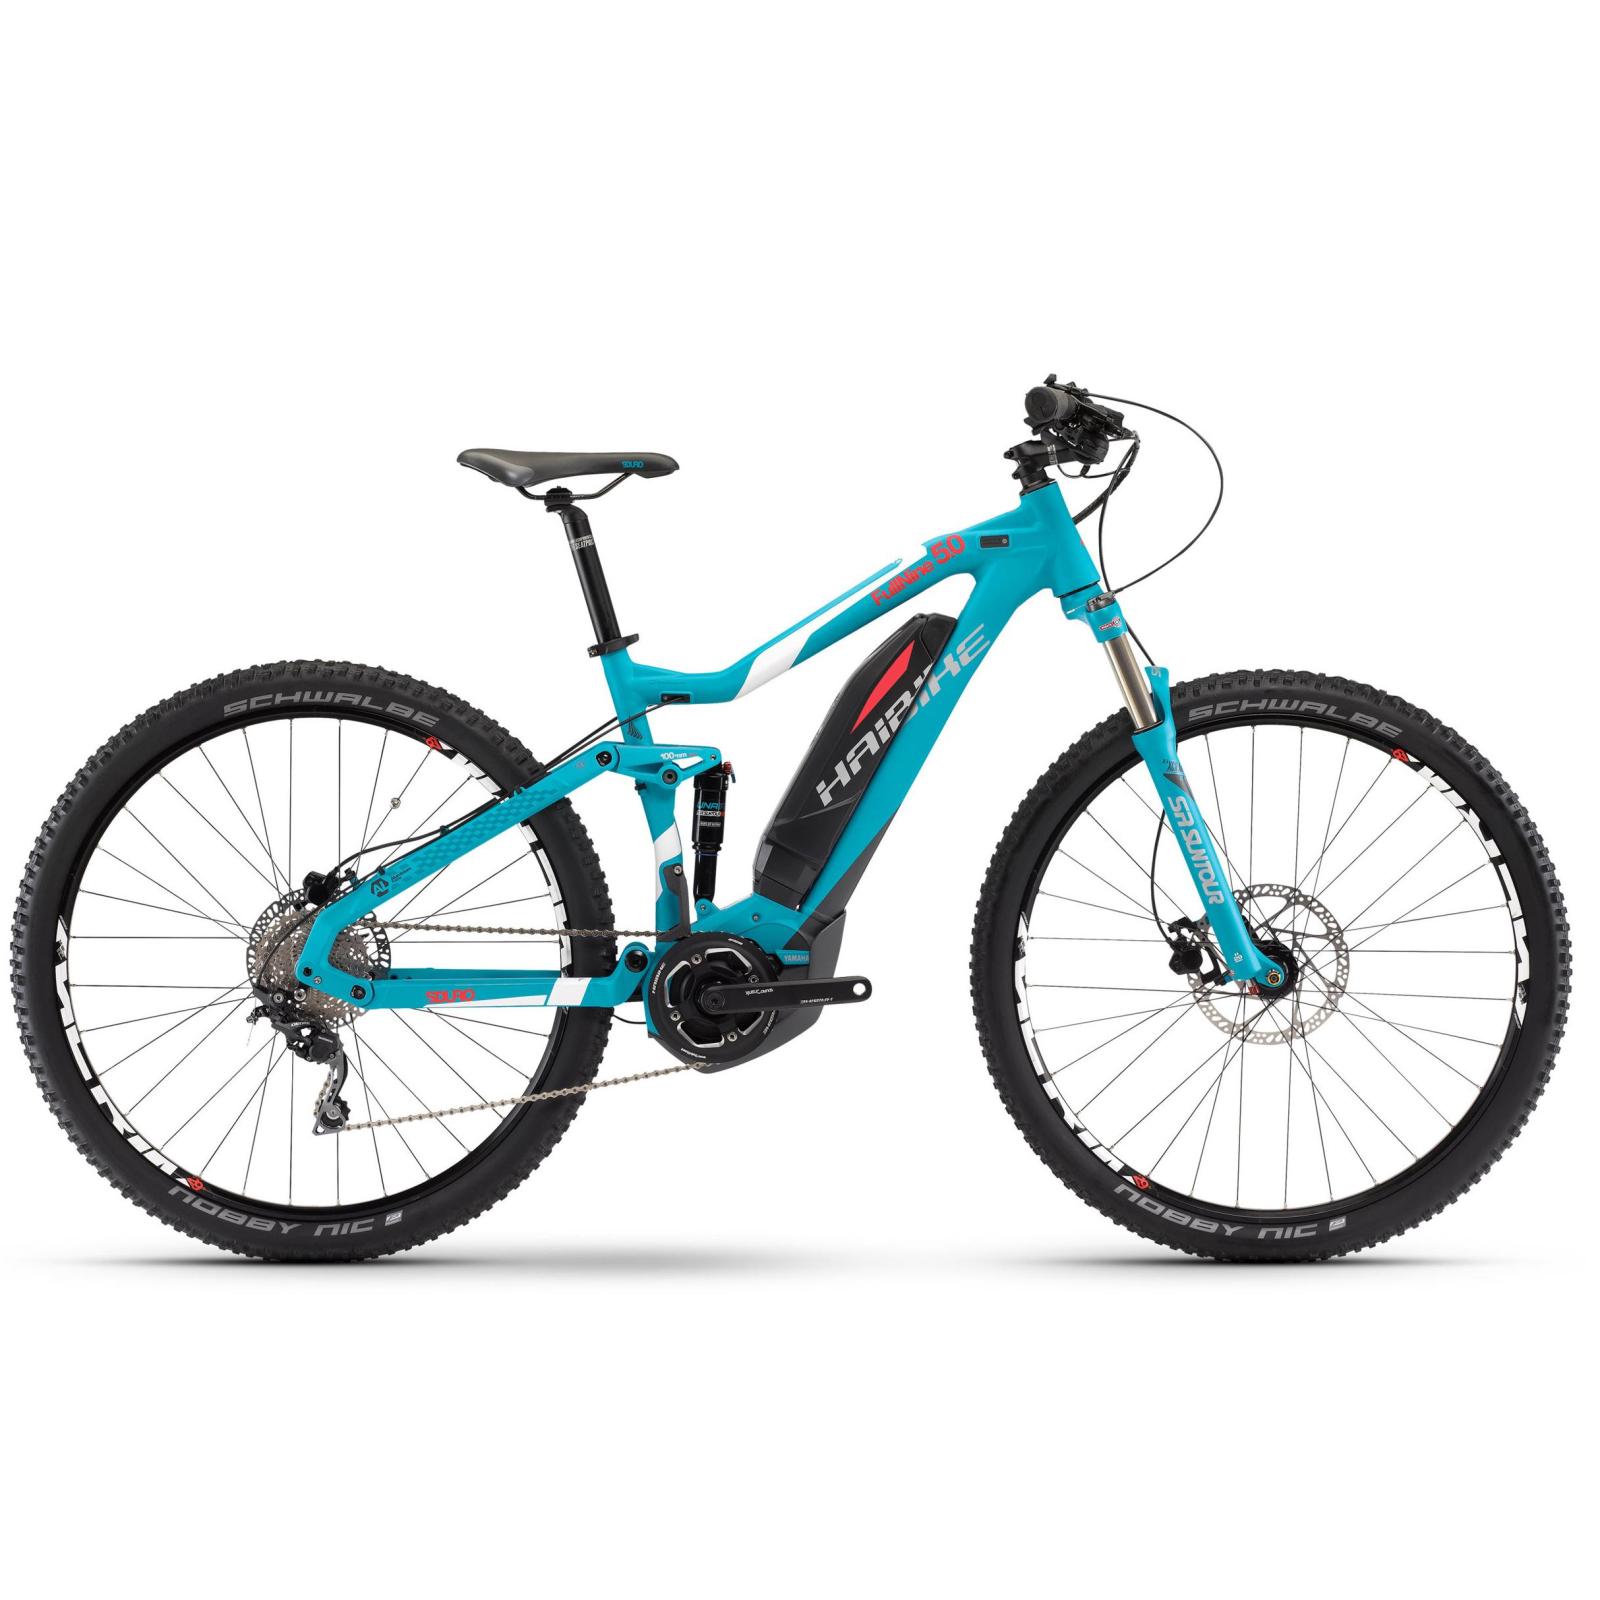 Электровелосипед Haibike SDURO FullNine 5.0 400Wh, 2017, рама 55см, синий, ход:100мм (4544510755)